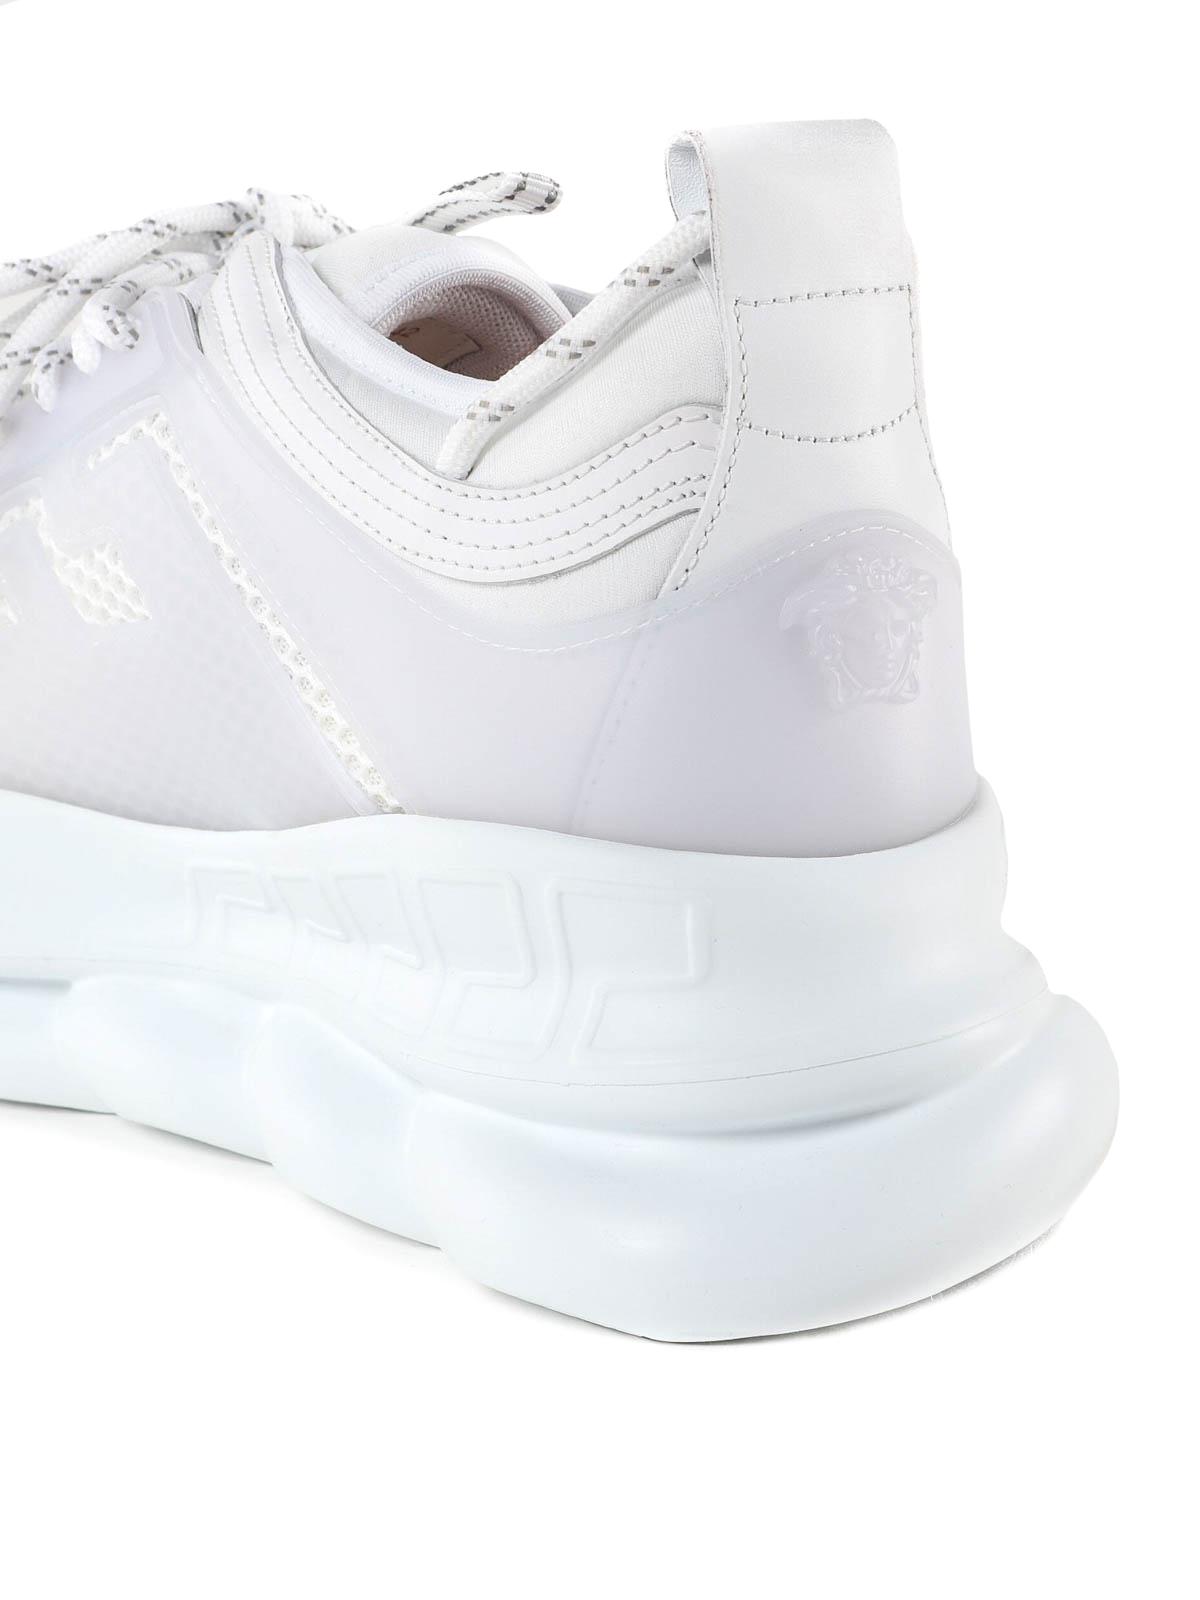 Versace - Sneaker Chain Reaction bianche con suola alta ...